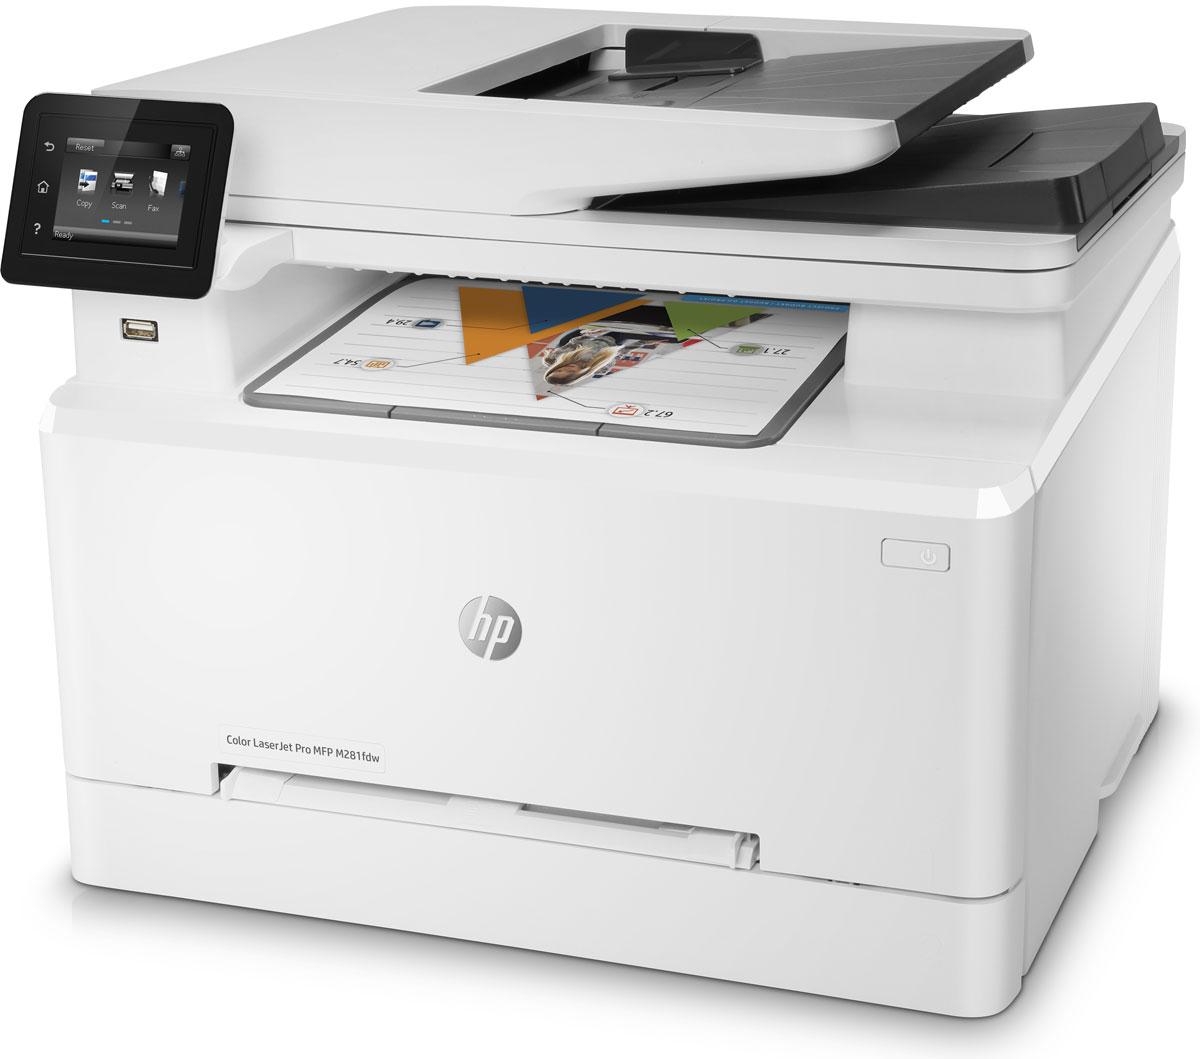 HP Color LaserJet Pro M281fdw МФУ510025МФУ HP Color LaserJet Pro M281fdwпринтер/сканер/копир/факс, A4, 21/21 стр/мин, ADF, дуплекс, USB, LAN, WiFi (замена B3Q11A M277dw)Струйный или лазерный принтер: какой лучше? Статья OZON Гид